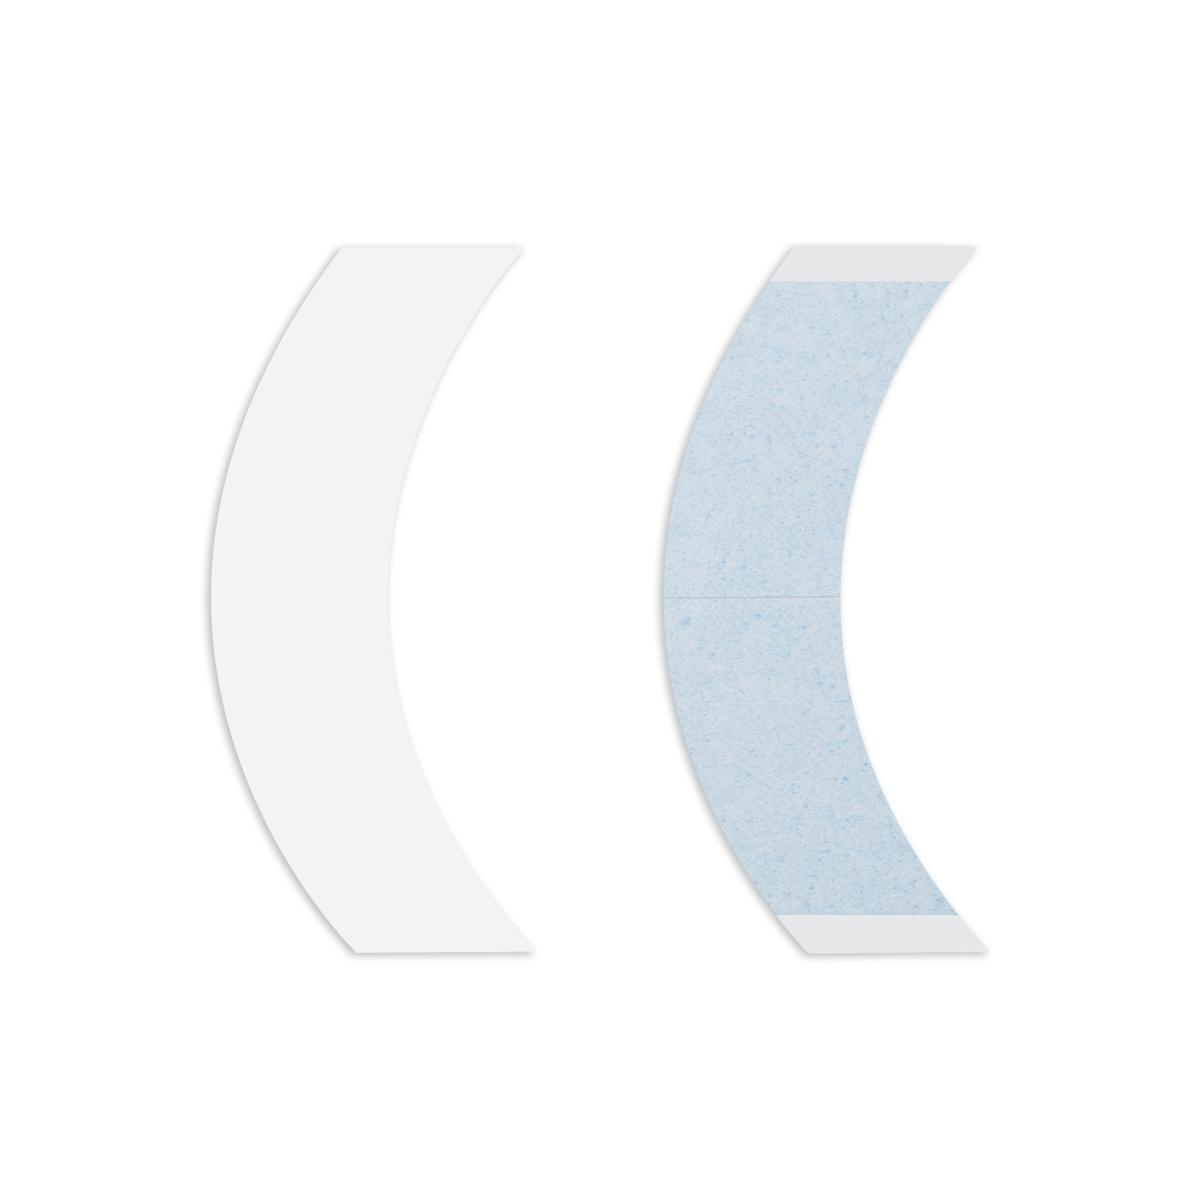 Fita adesiva dupla face Lace Front transparente curva - 36unid